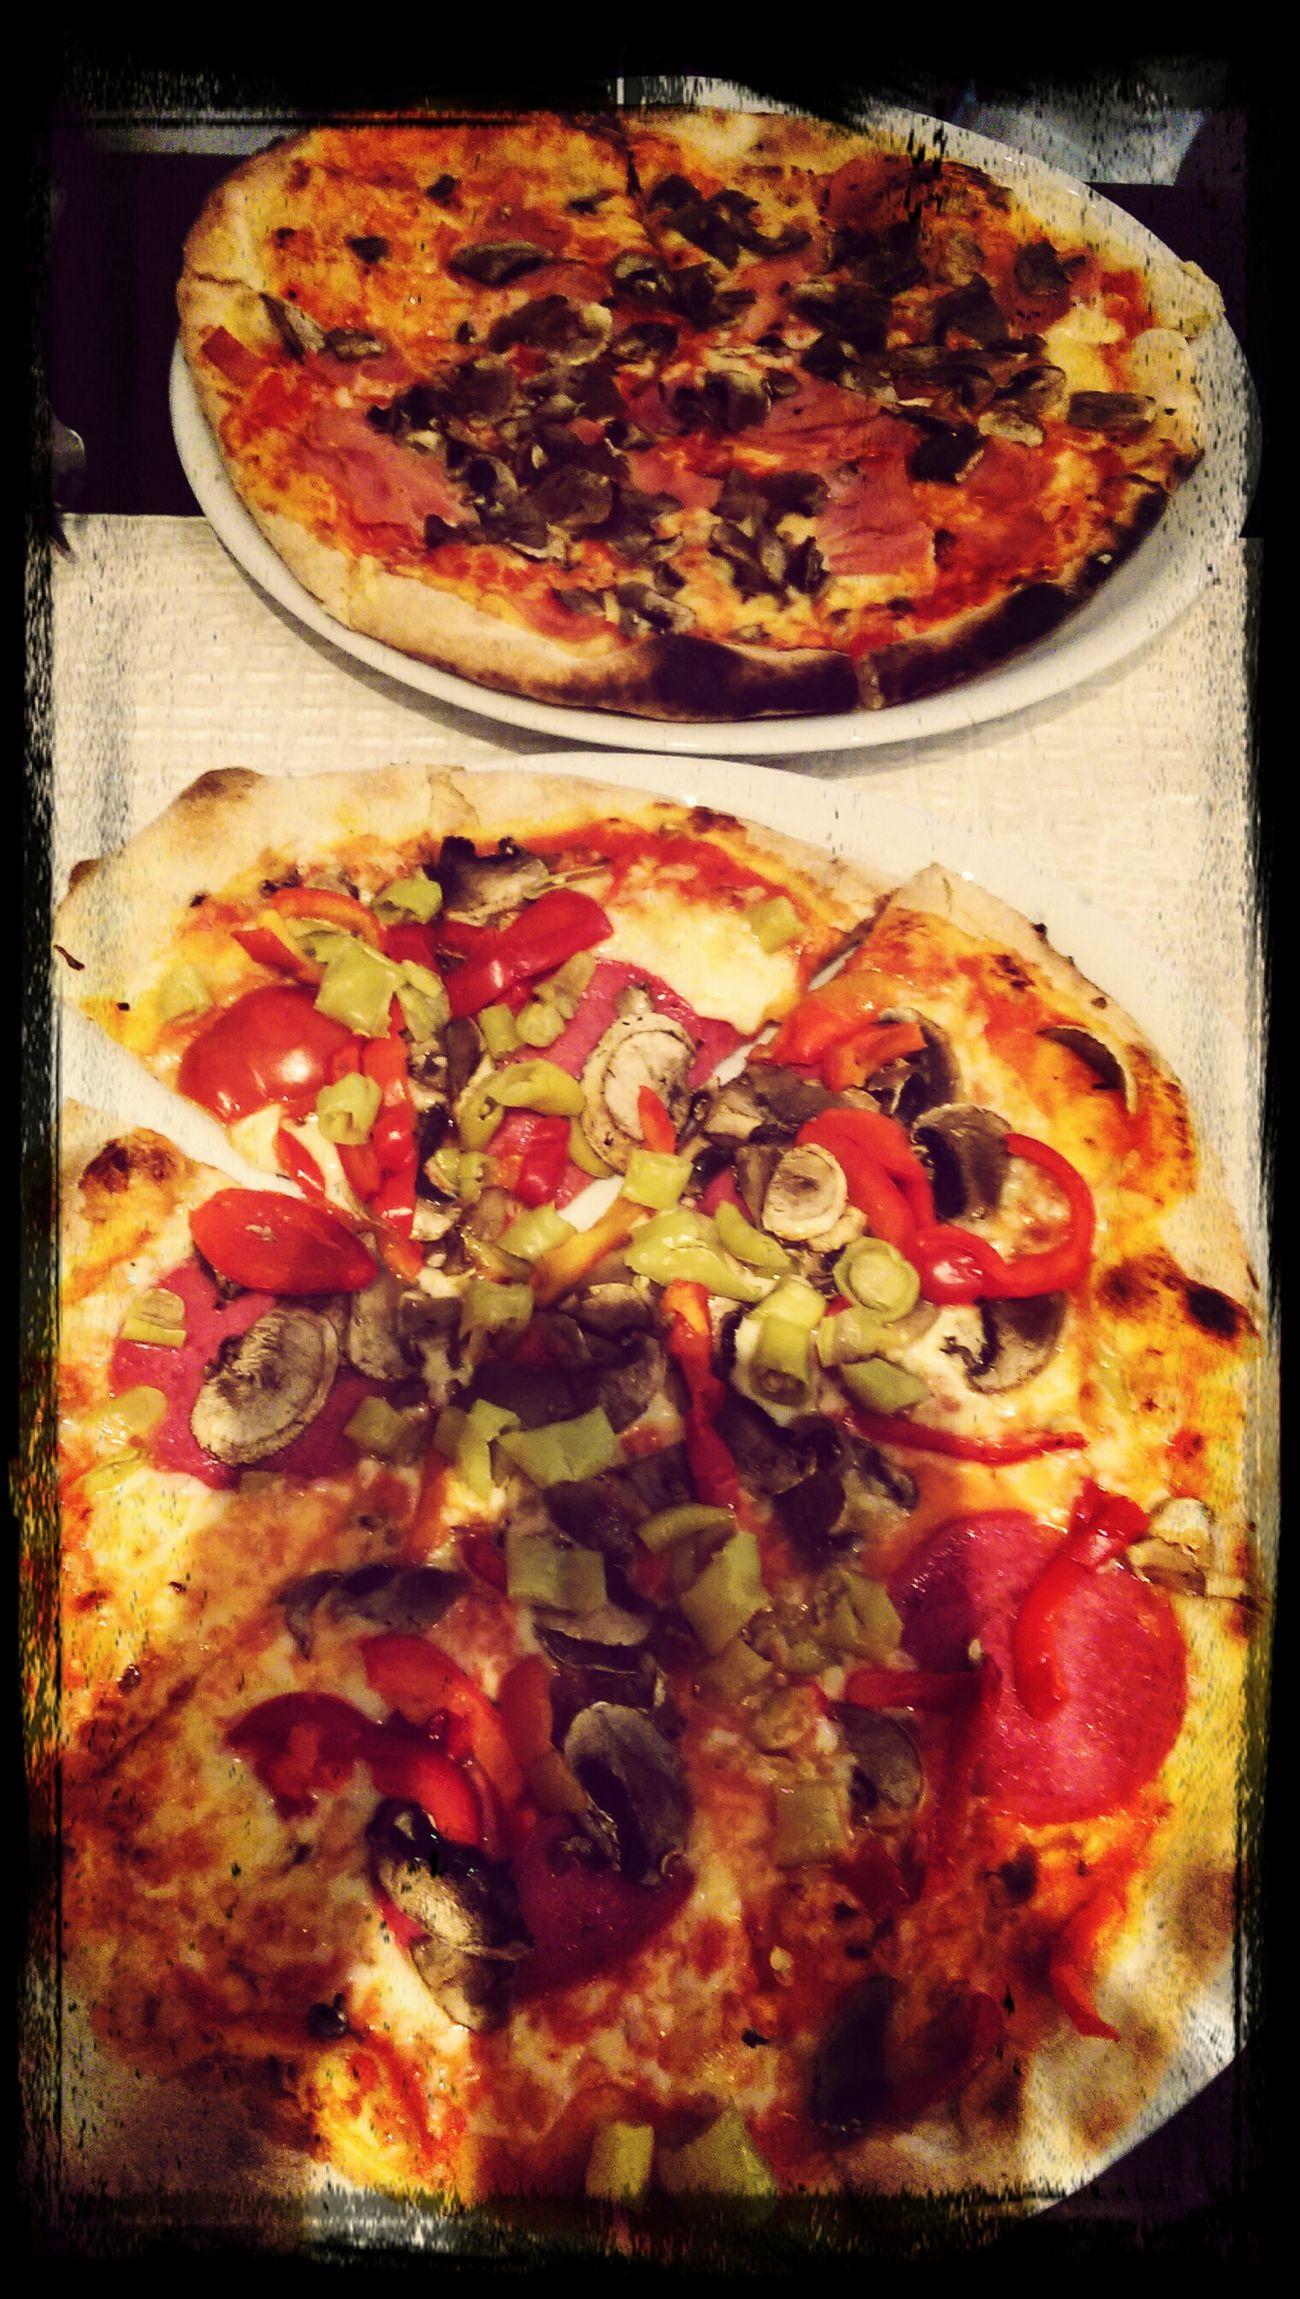 Haha dieser Vlaski oder Laski oder wie der heisst, muss zahlen :D Pizza